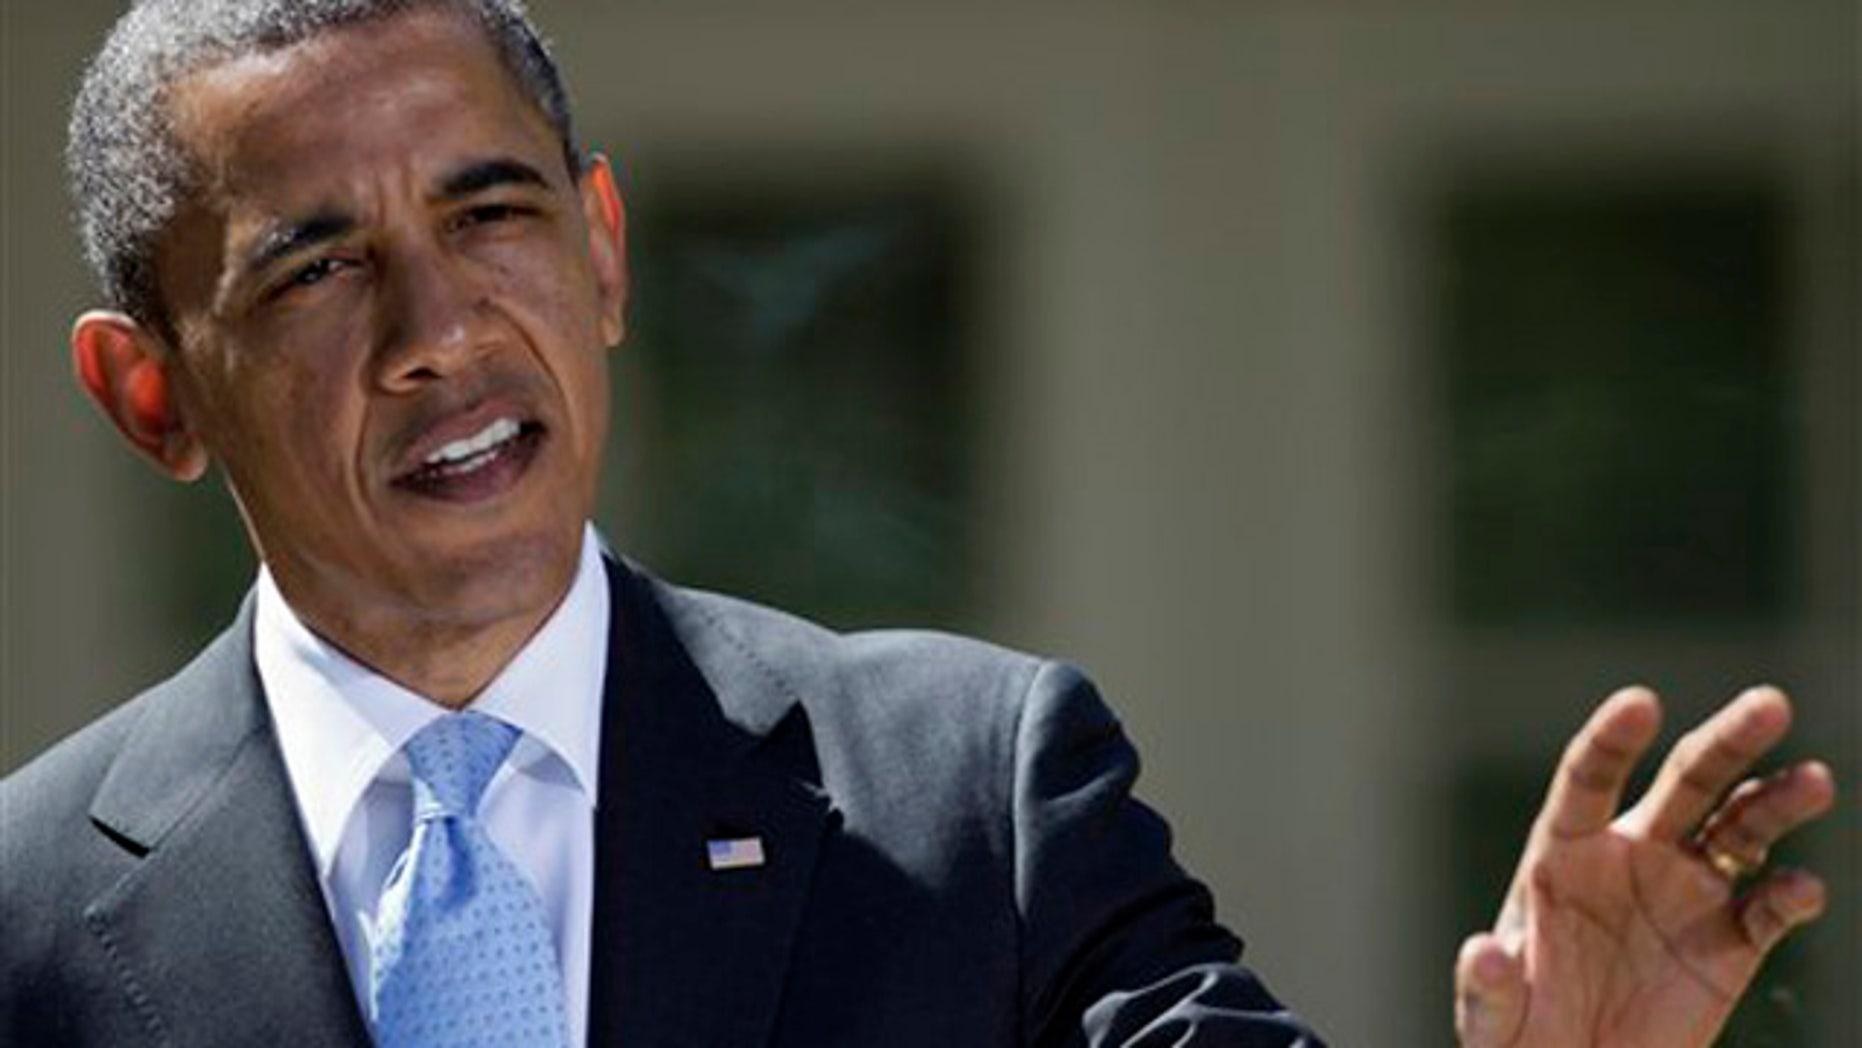 April 2, 2012: President Obama speaks outside the White House.